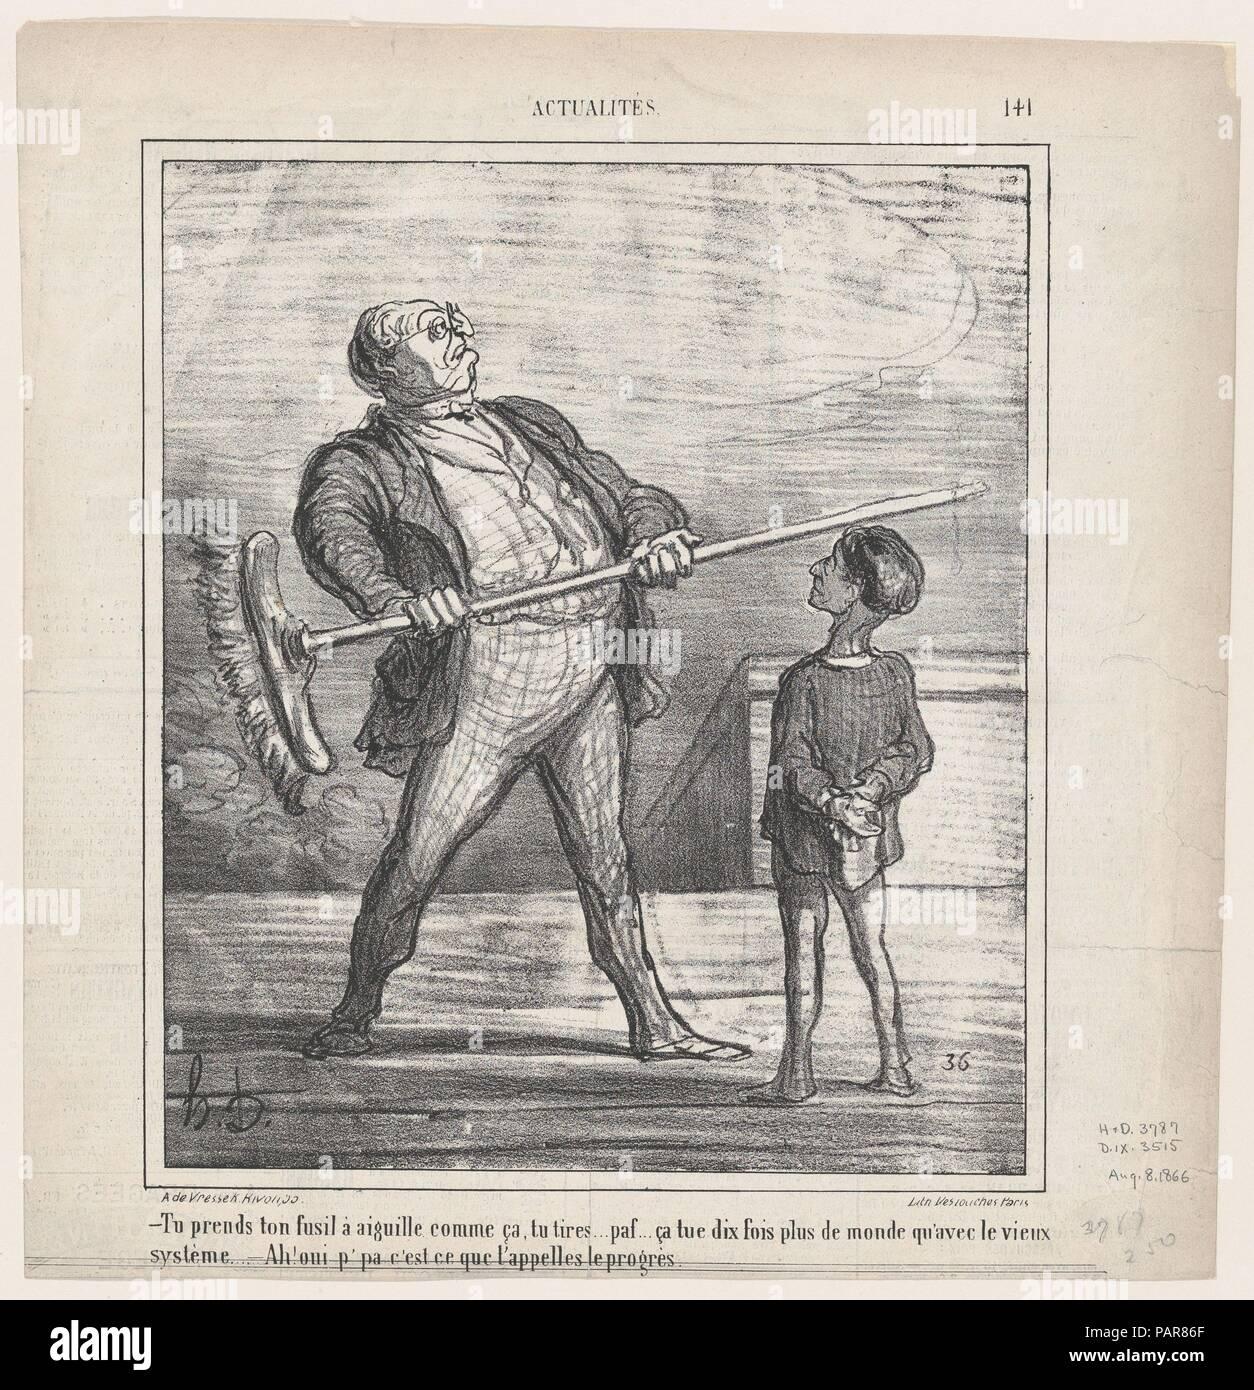 """- Sie nehmen Ihre pin-gun in der Hand wie diese.... sie Feuer... puff... diese Tötet zehn mal mehr Menschen als das alte System... - Ah, ja Papa, das ist es, was man Fortschritt nennt, von """"Nachricht des Tages"""", in Le Charivari, 8. August 1866 veröffentlicht. Artist: Honoré Daumier (Französisch, Marseille 1808-1879 Valmondois). Abmessungen: Bild: 9 5/16 in. X 8 in. (23,7 × 20,3 cm) Blatt: 11 5/6 x 11 1/8 in. (29,1 × 28,2 cm). Drucker: destouches (Paris). Herausgeber: Arnaud de Comblain-la-Tour. Serie/Portfolio: """"Nachricht des Tages"""" (CMS). Datum: 8. August 1866. Museum: Metropolitan Museum of Art, New York, USA. Stockfoto"""